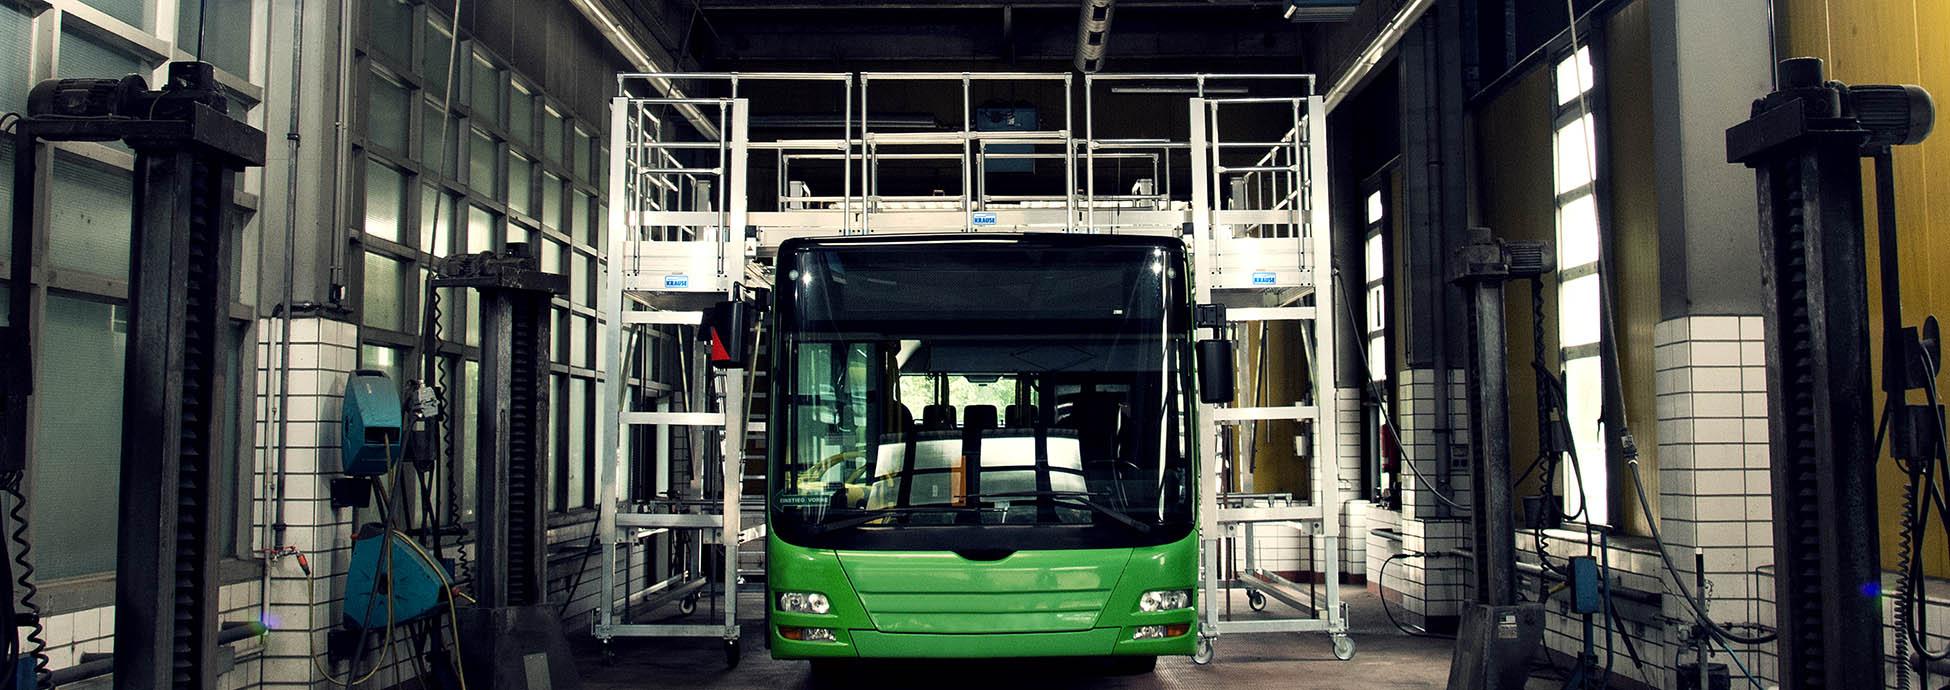 Передвижная рабочая платформа для технического обслуживания автобусов